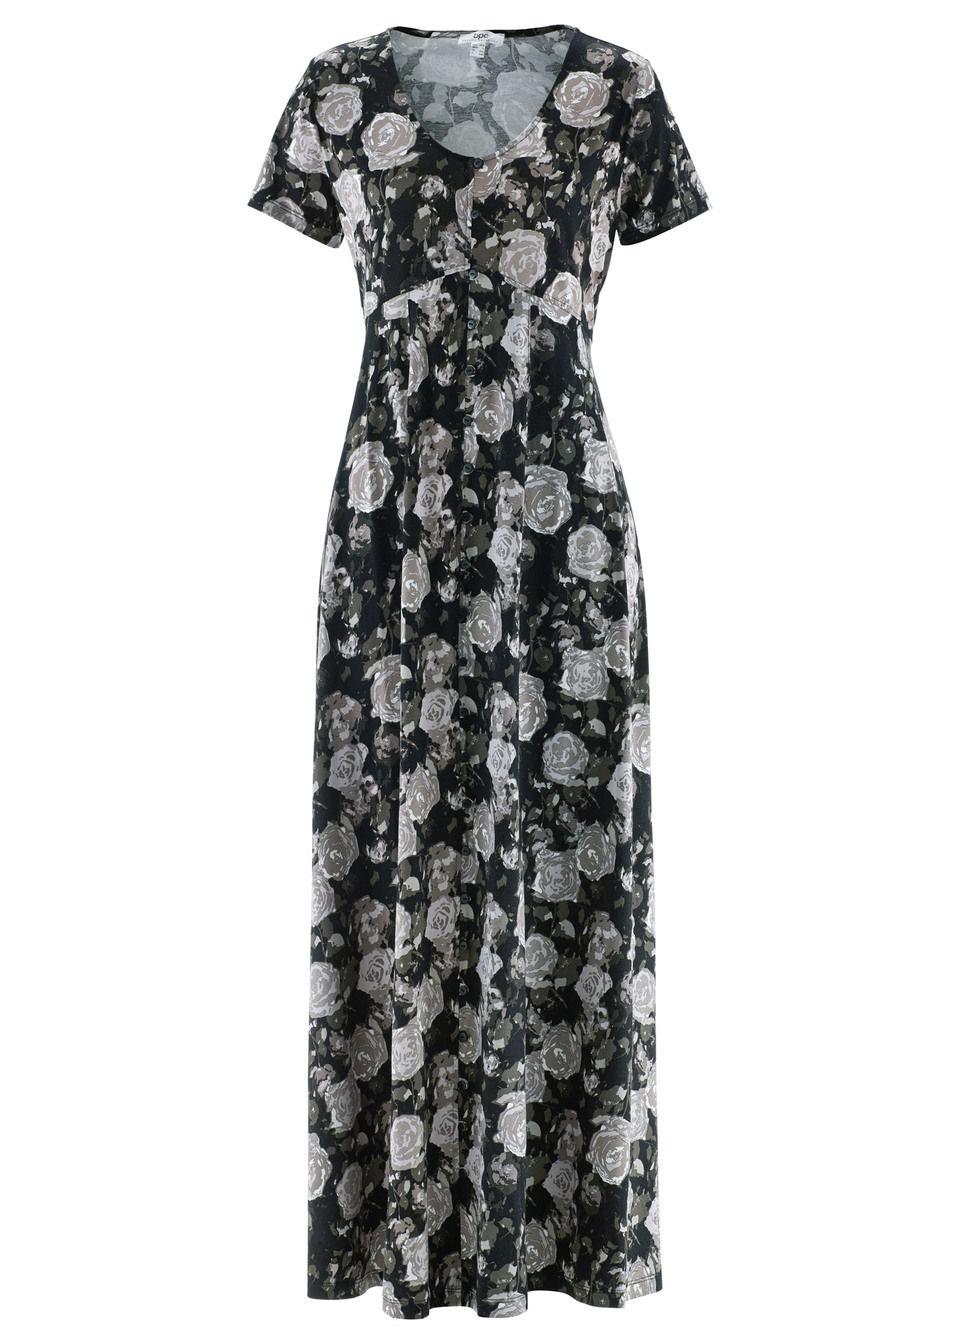 Макси-платье с коротким рукавом, трикотаж